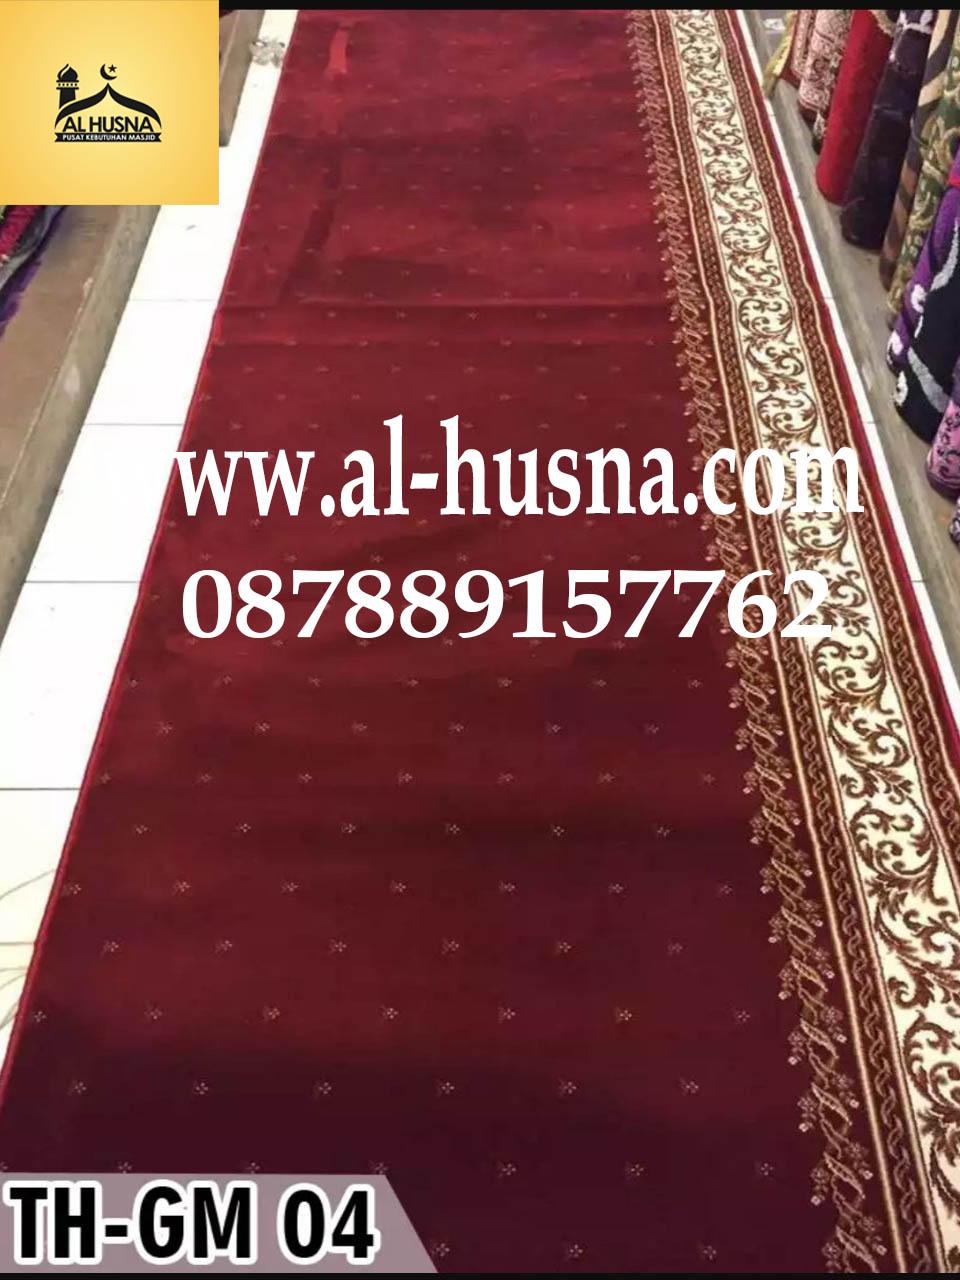 karpet masjid turki grand mosque tanpa harga